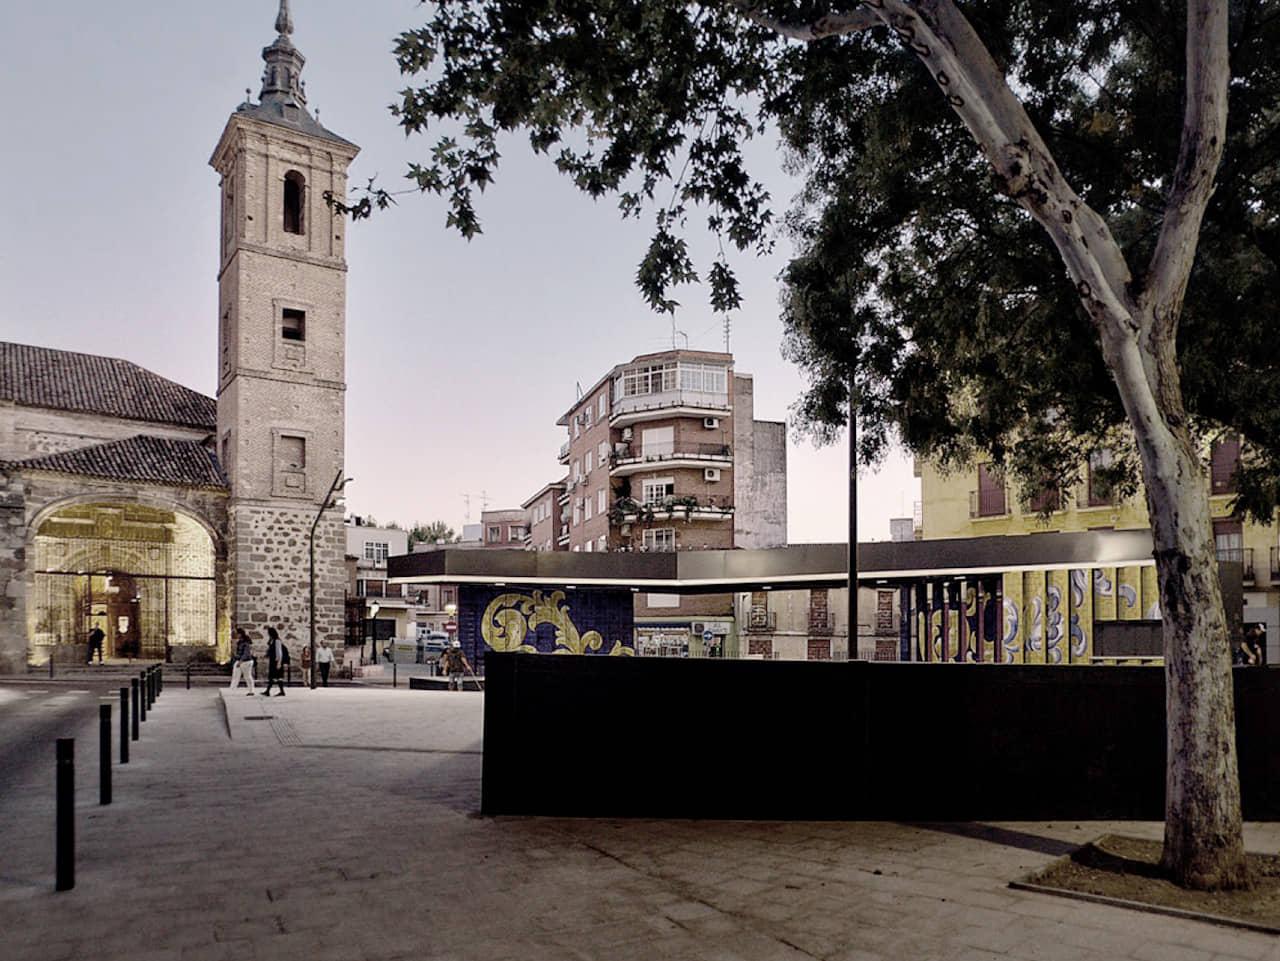 alt=Vista frente a la iglesia de la Plaza el salvador